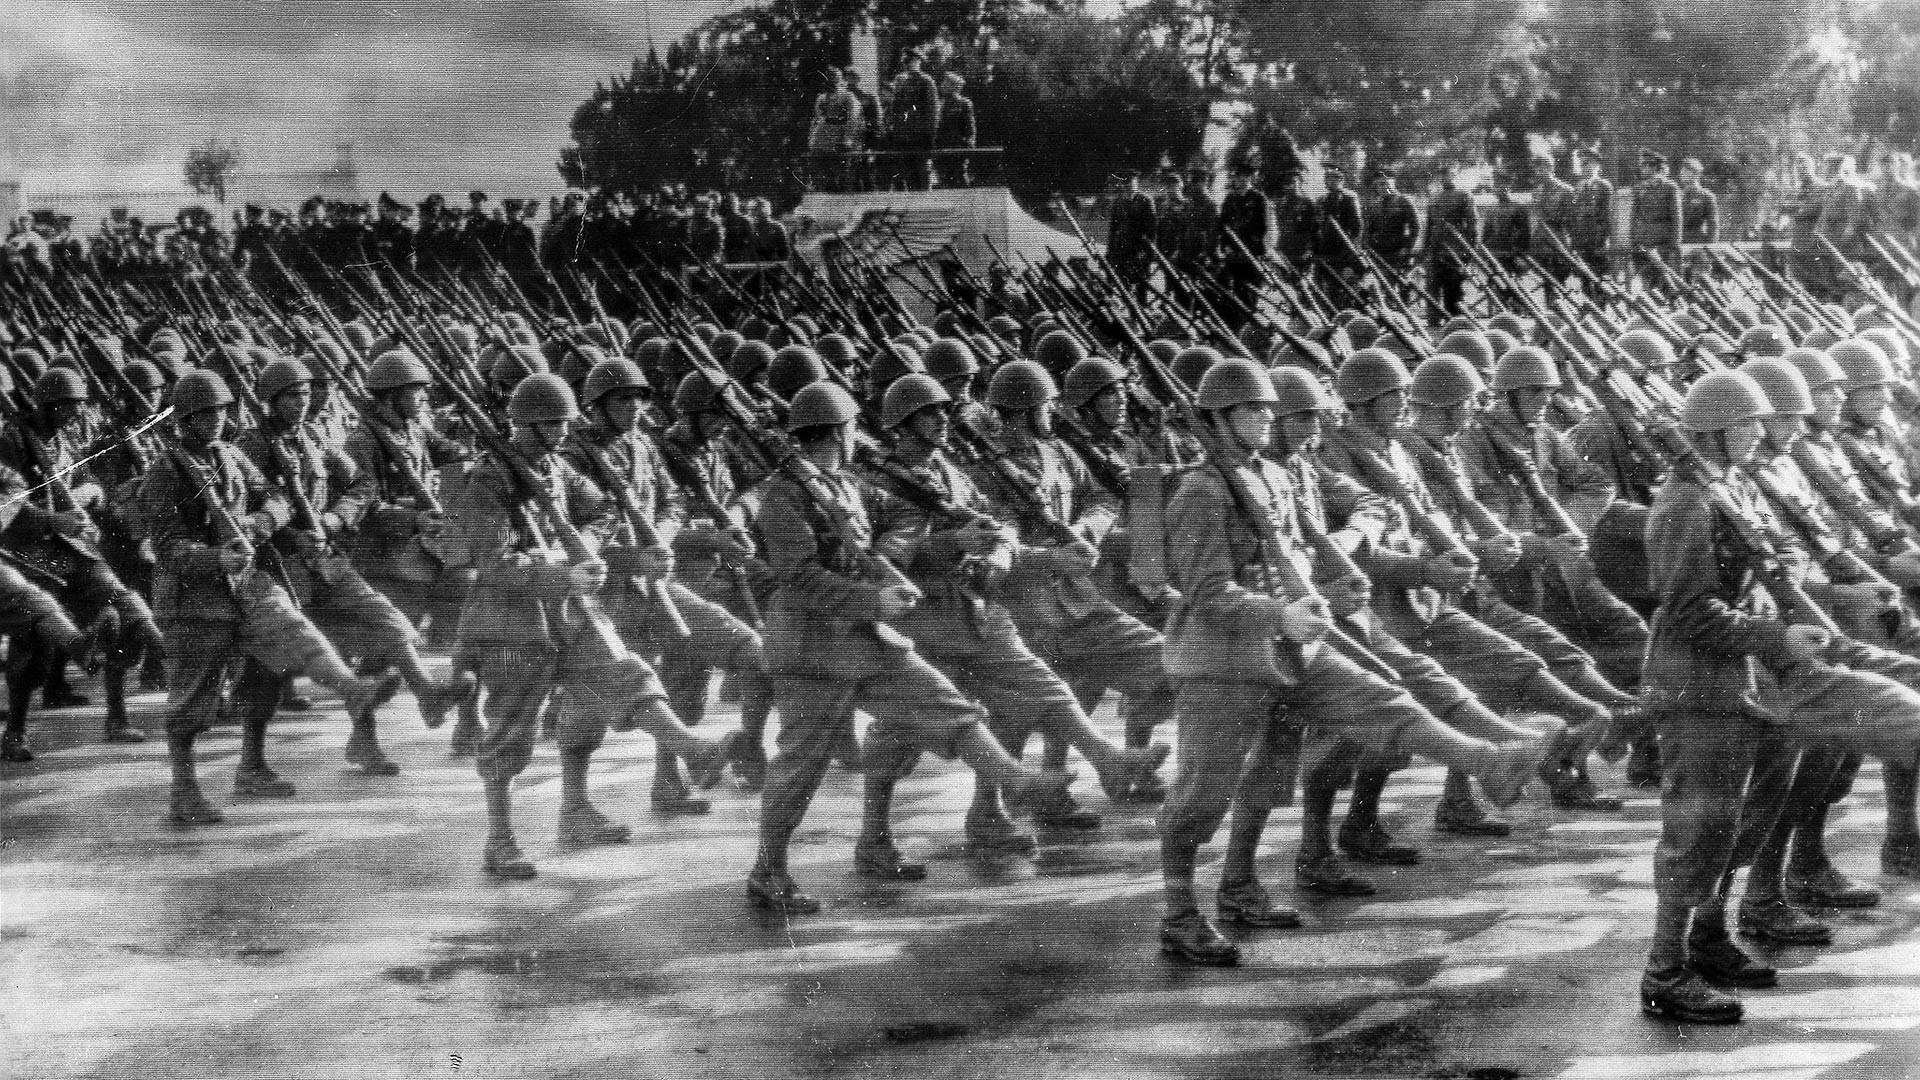 Италијански Експедициони корпус парадира испред Мусолинија и немачког војног аташеа у Риму пред одлазак у рат против Совјетског Савеза, почетак јула 1941.